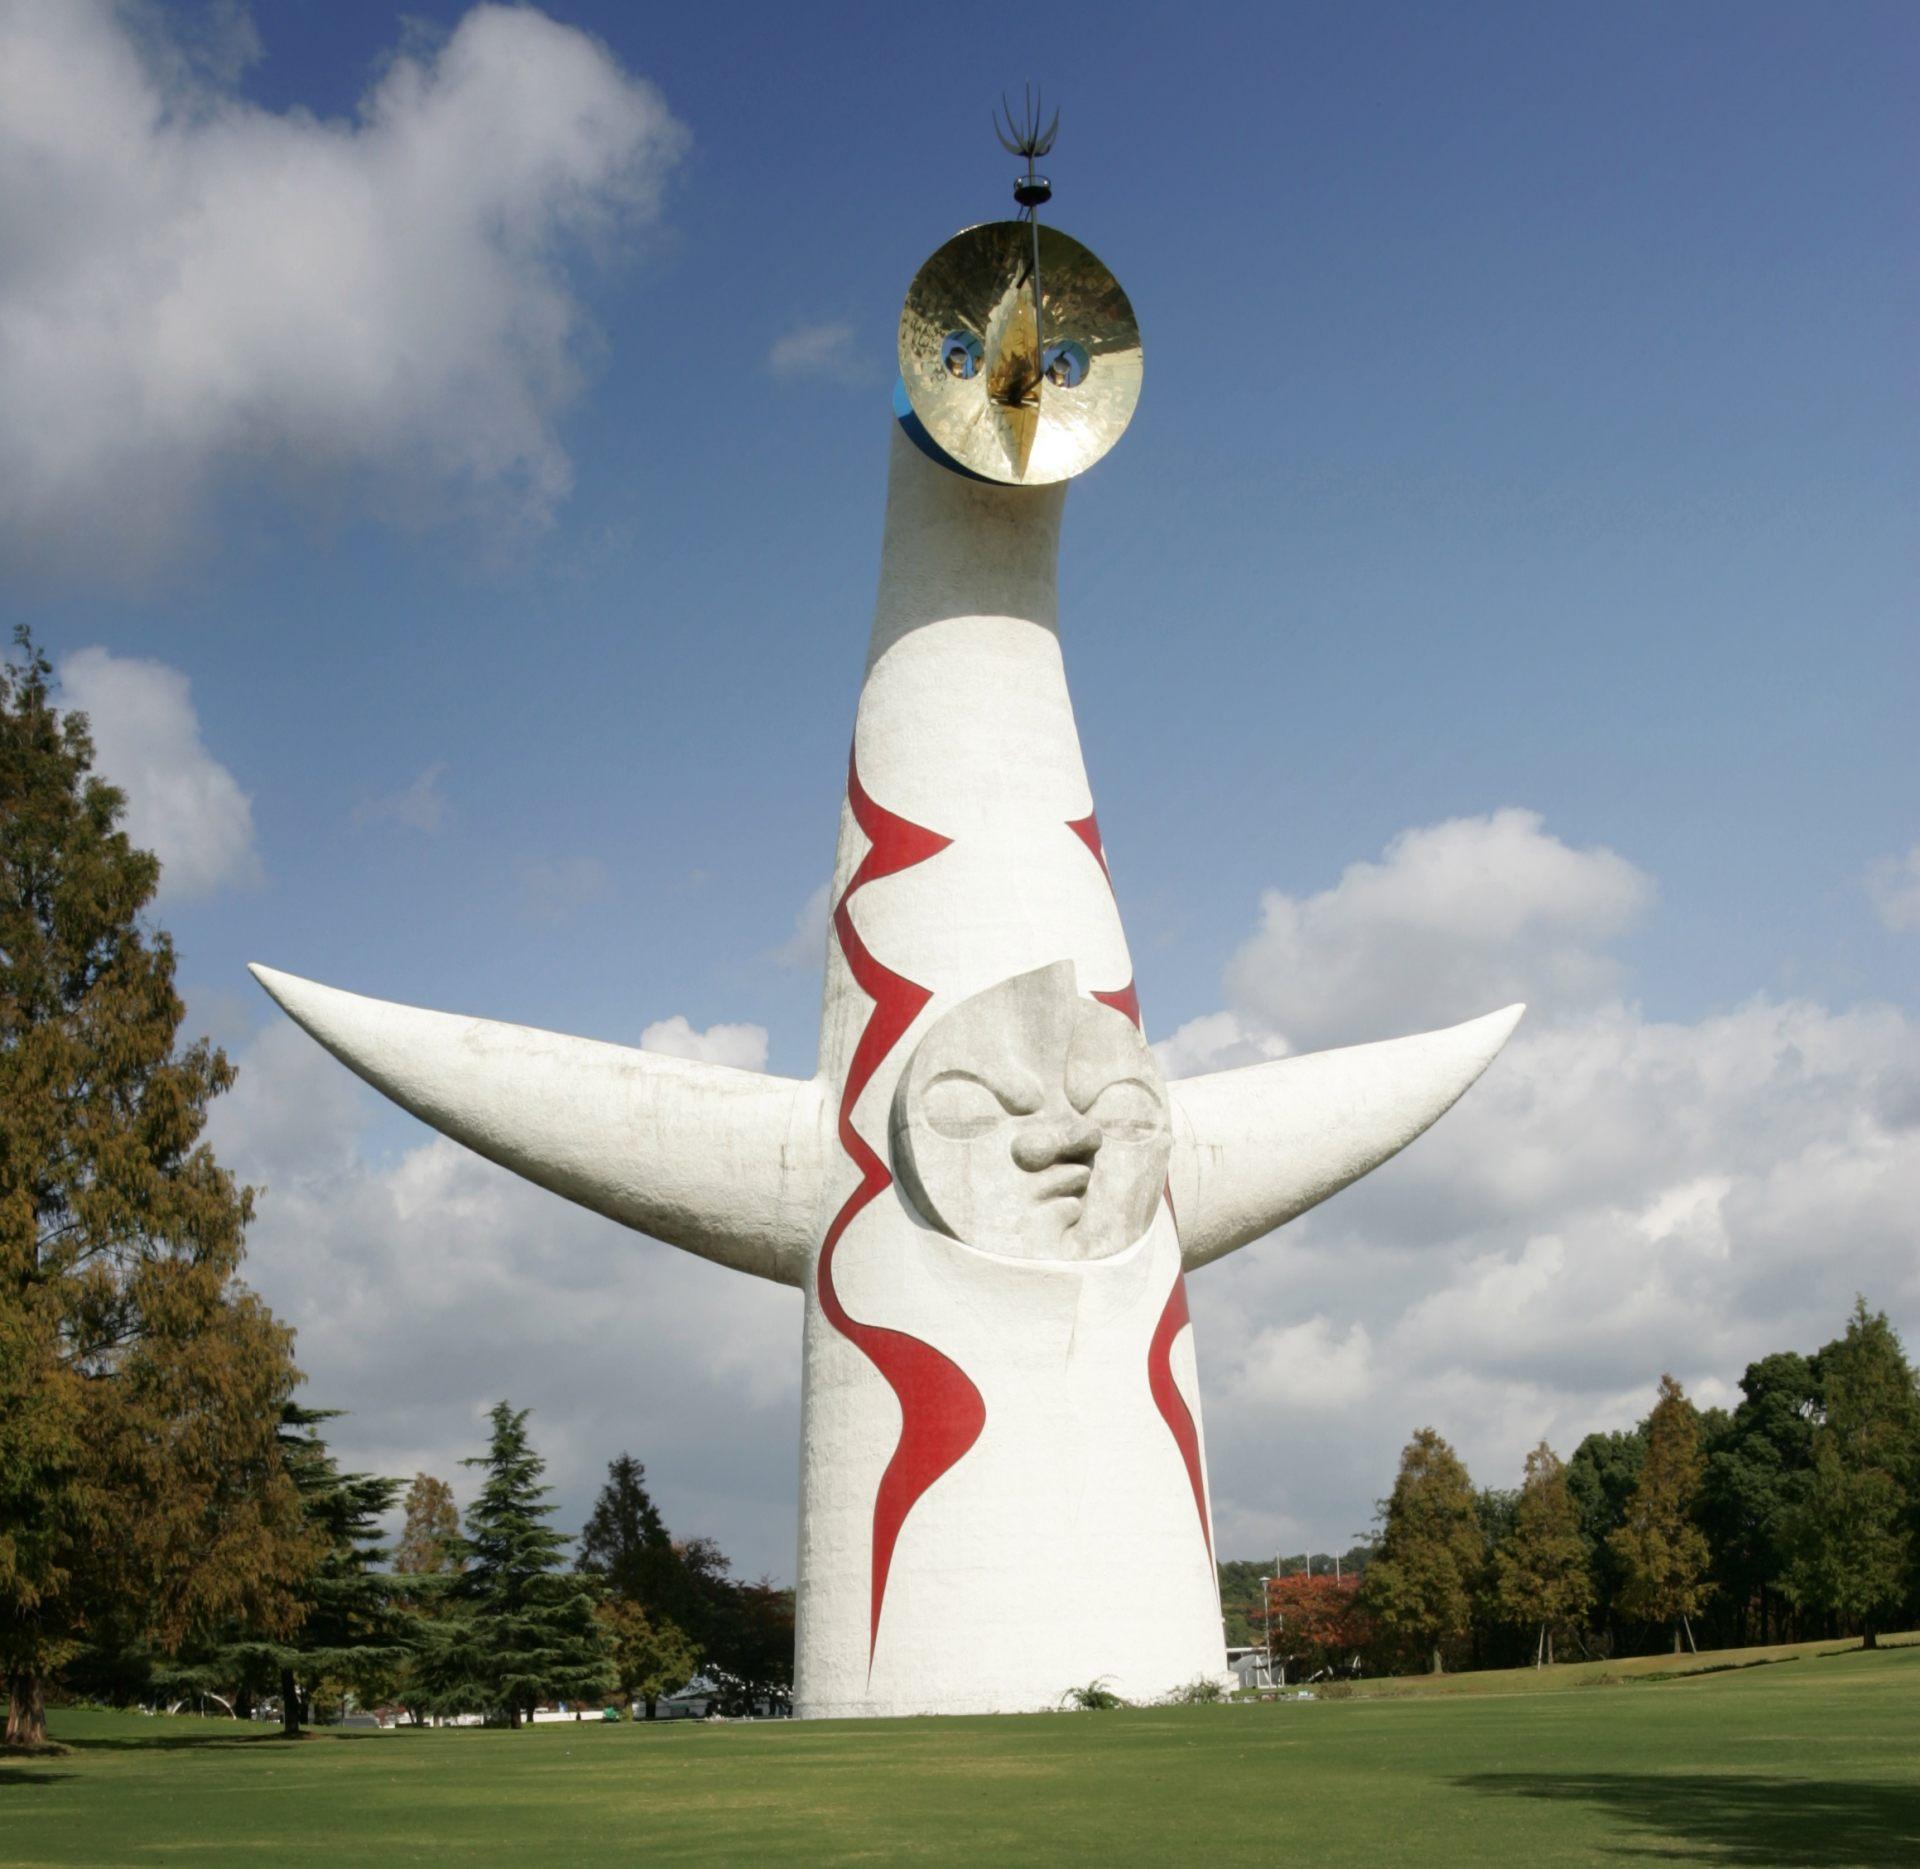 萬博紀念公園的象徵 太陽之塔